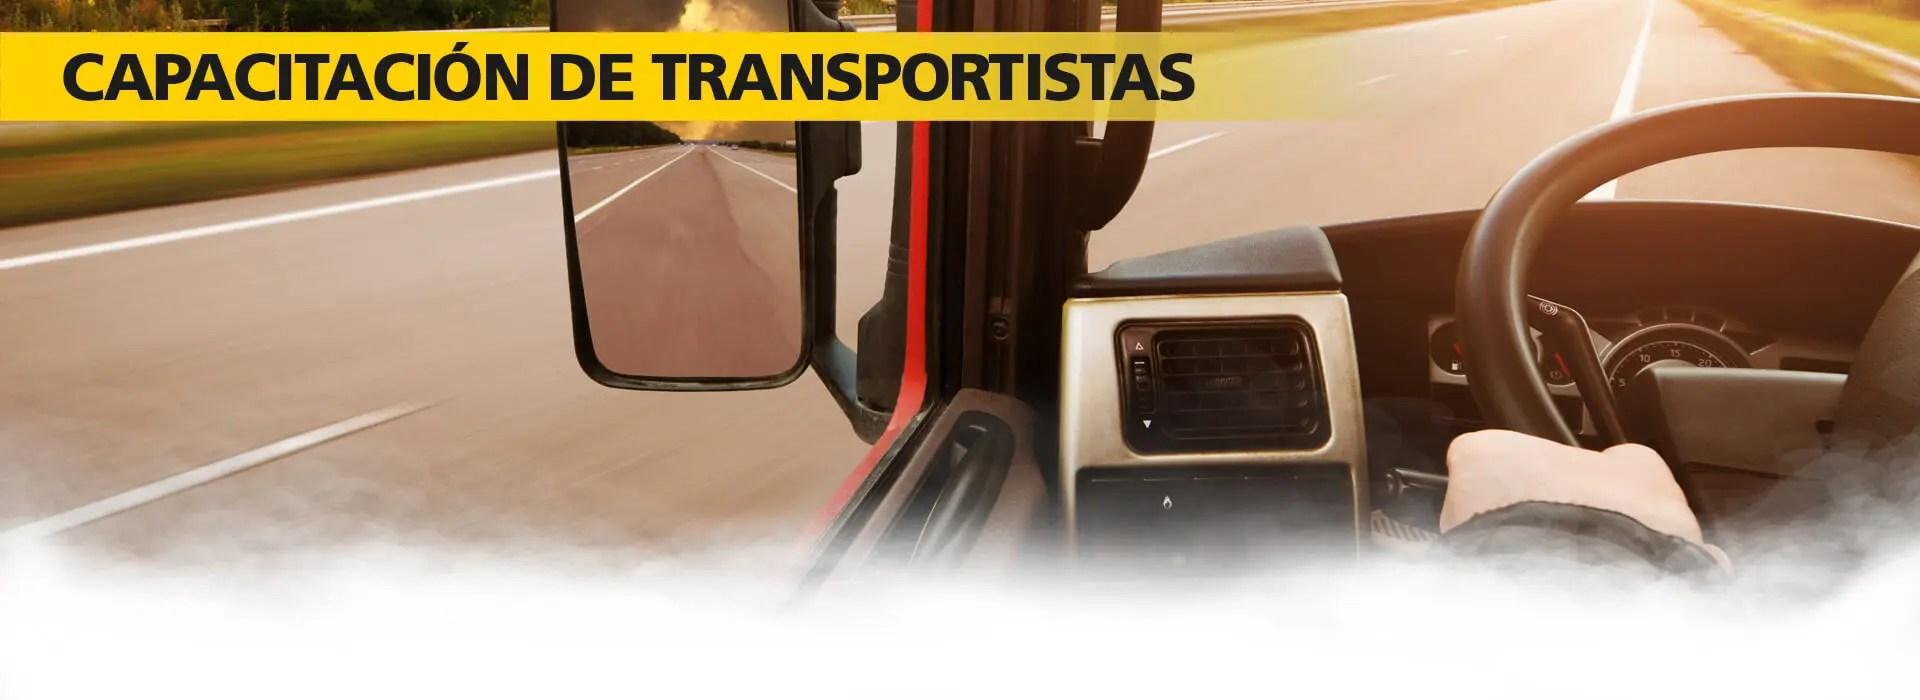 curso de capacitación de transportistas autoescuela gala